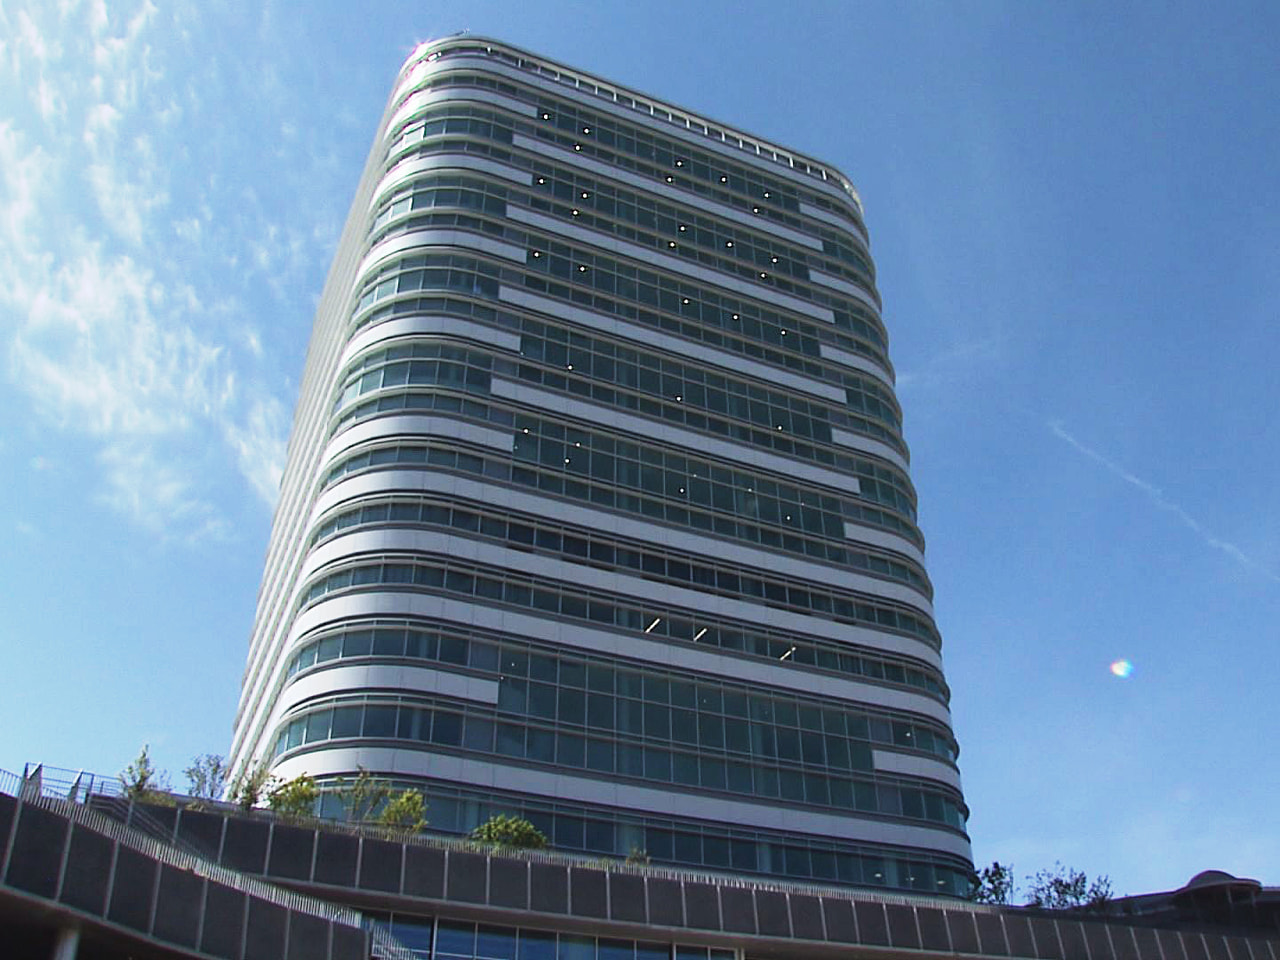 岐阜市役所の本庁舎が55年ぶりに移転し、6日に新庁舎が開庁、本格業務が始まりまし...